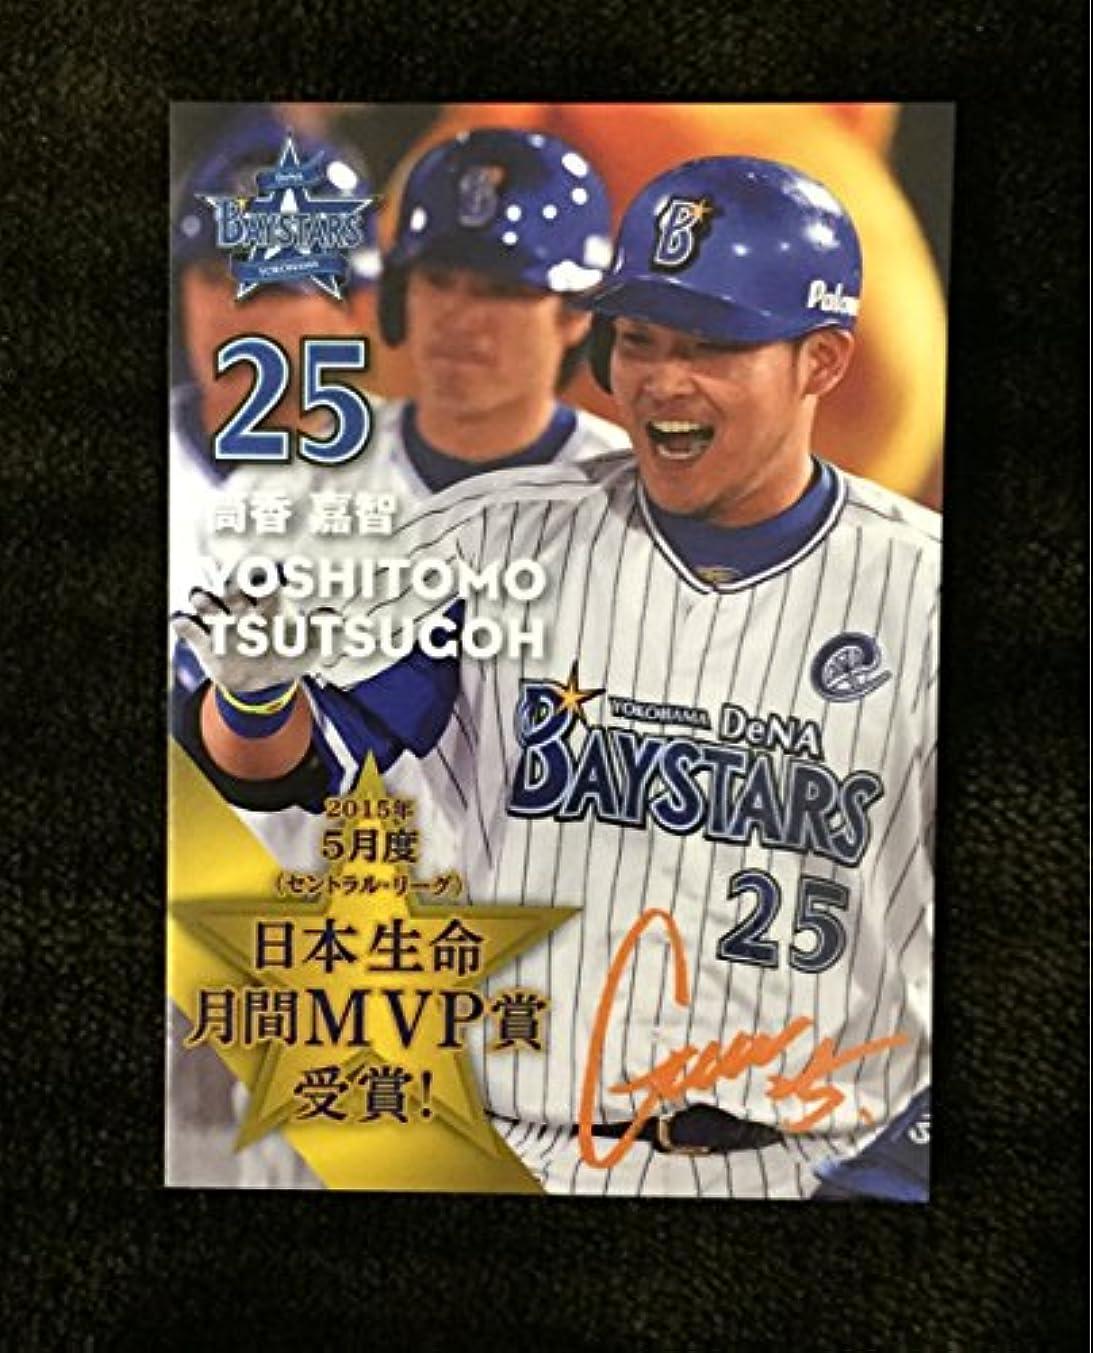 突然理想的には世論調査横浜ベイスターズ 月間MVPカード #25筒香嘉智